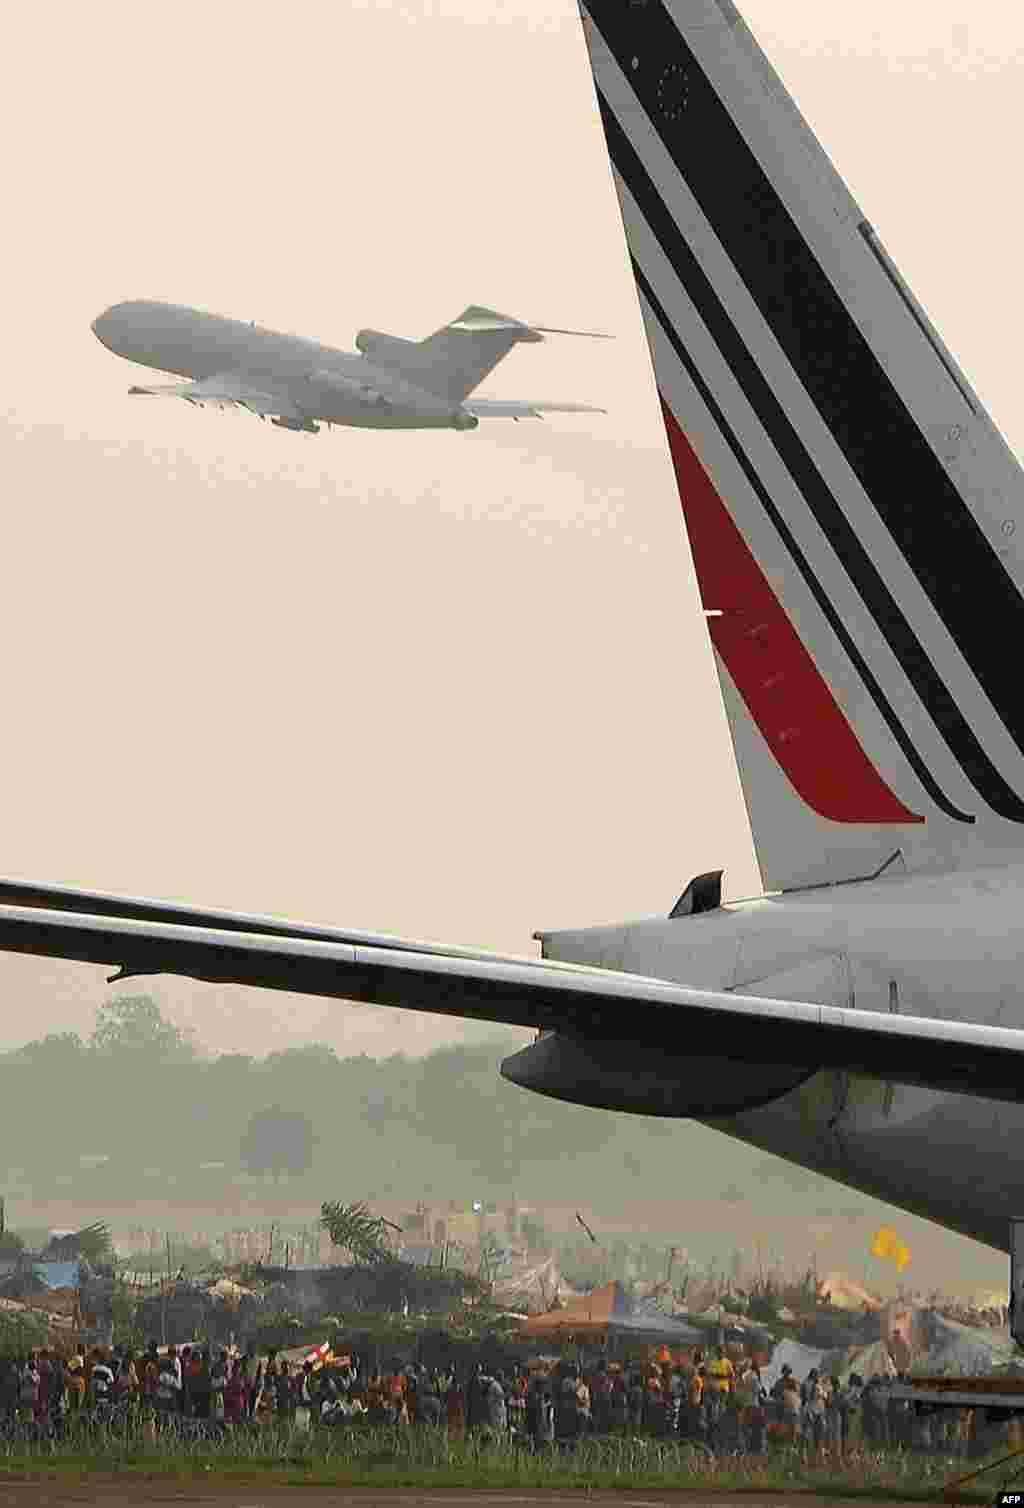 Một phi cơ của hãng Air-France đậu trên phi cảng Nangui khi một phi cơ khác cất cánh gần một trại dành cho những người dời cư ở thủ đô Trung Phi.